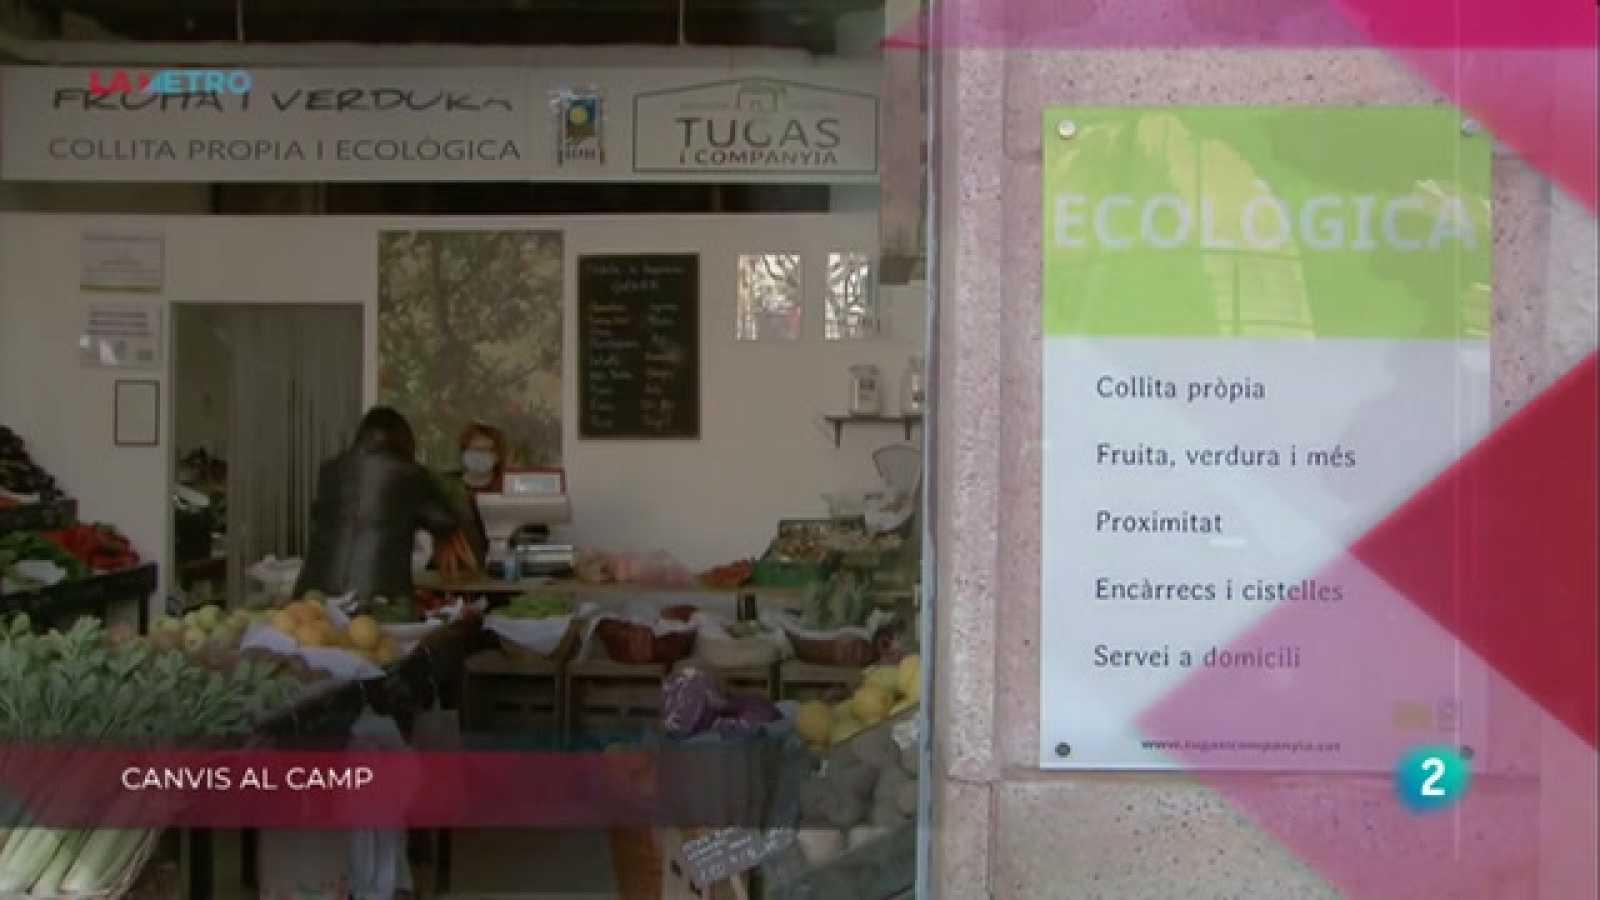 Canvis al camp, Sostenibilitat ambiental i Gavà Circular a La Metro